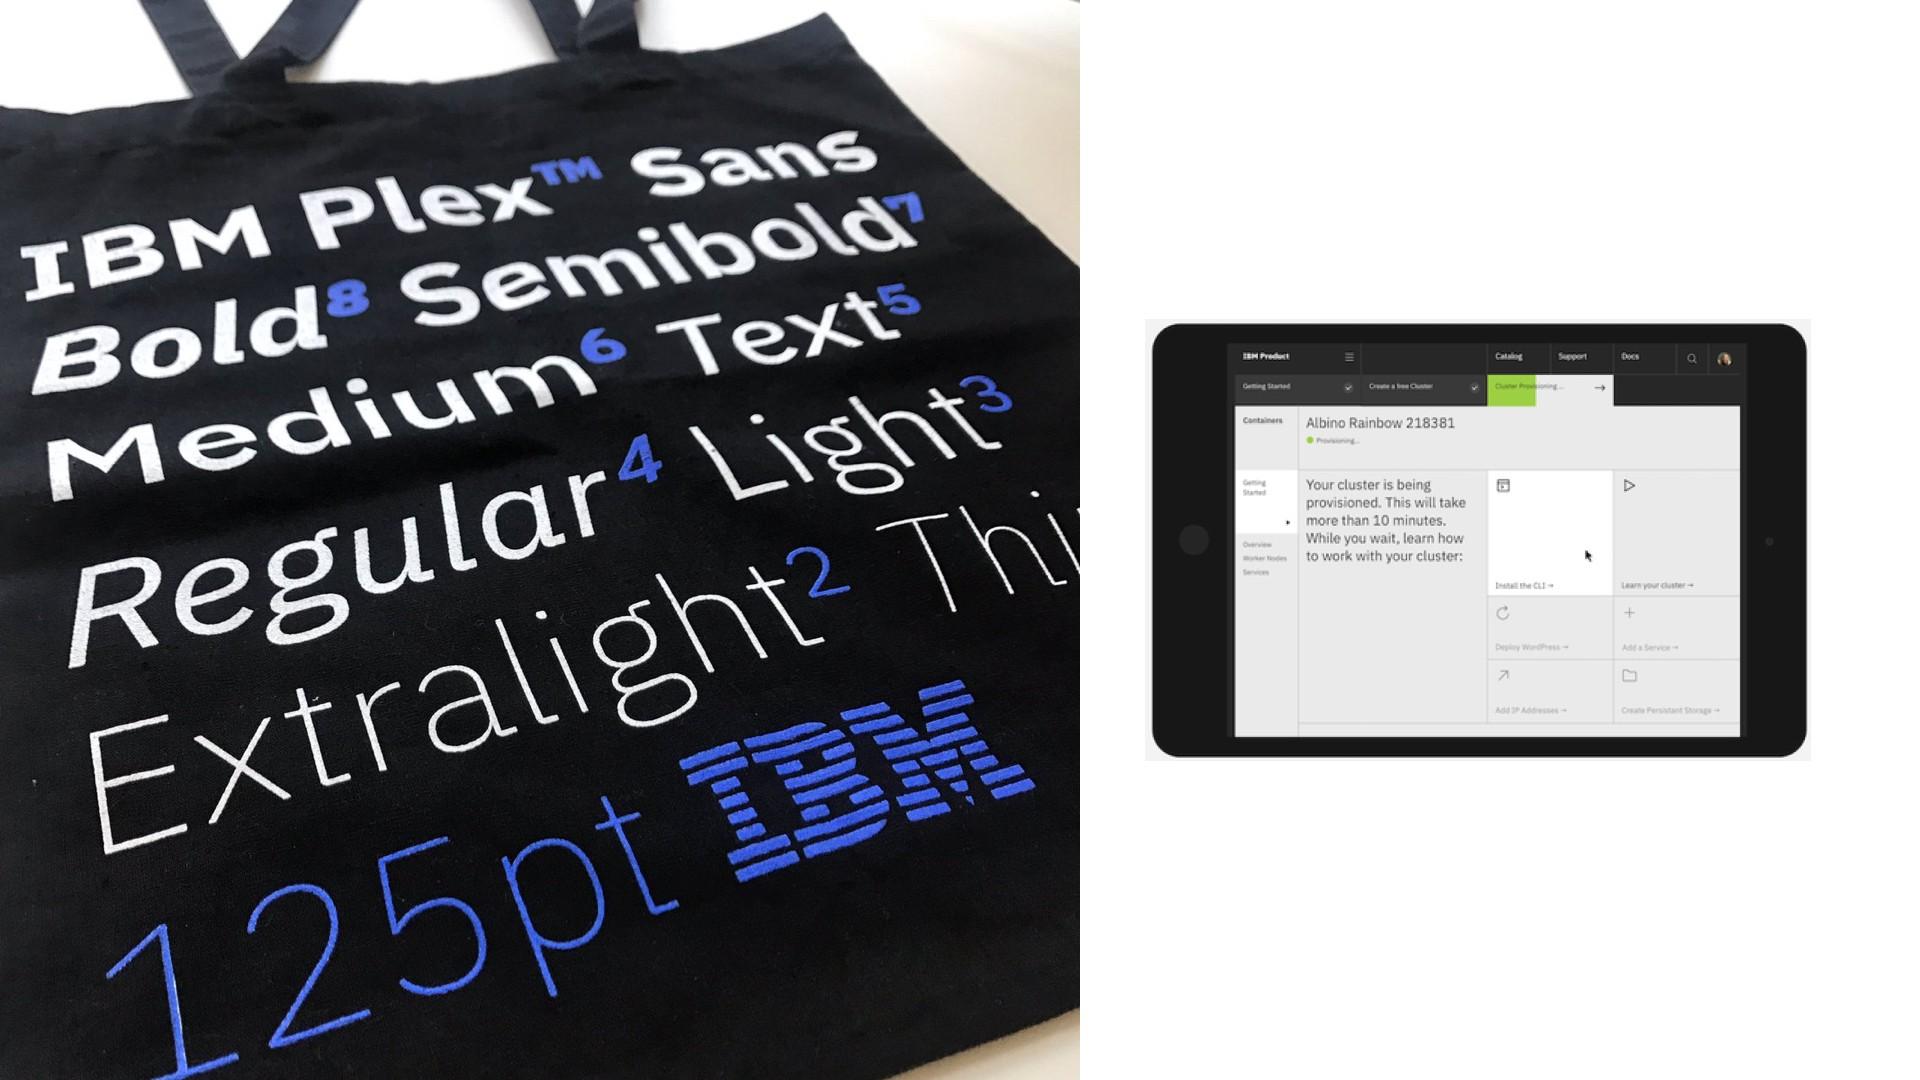 IBM Plex